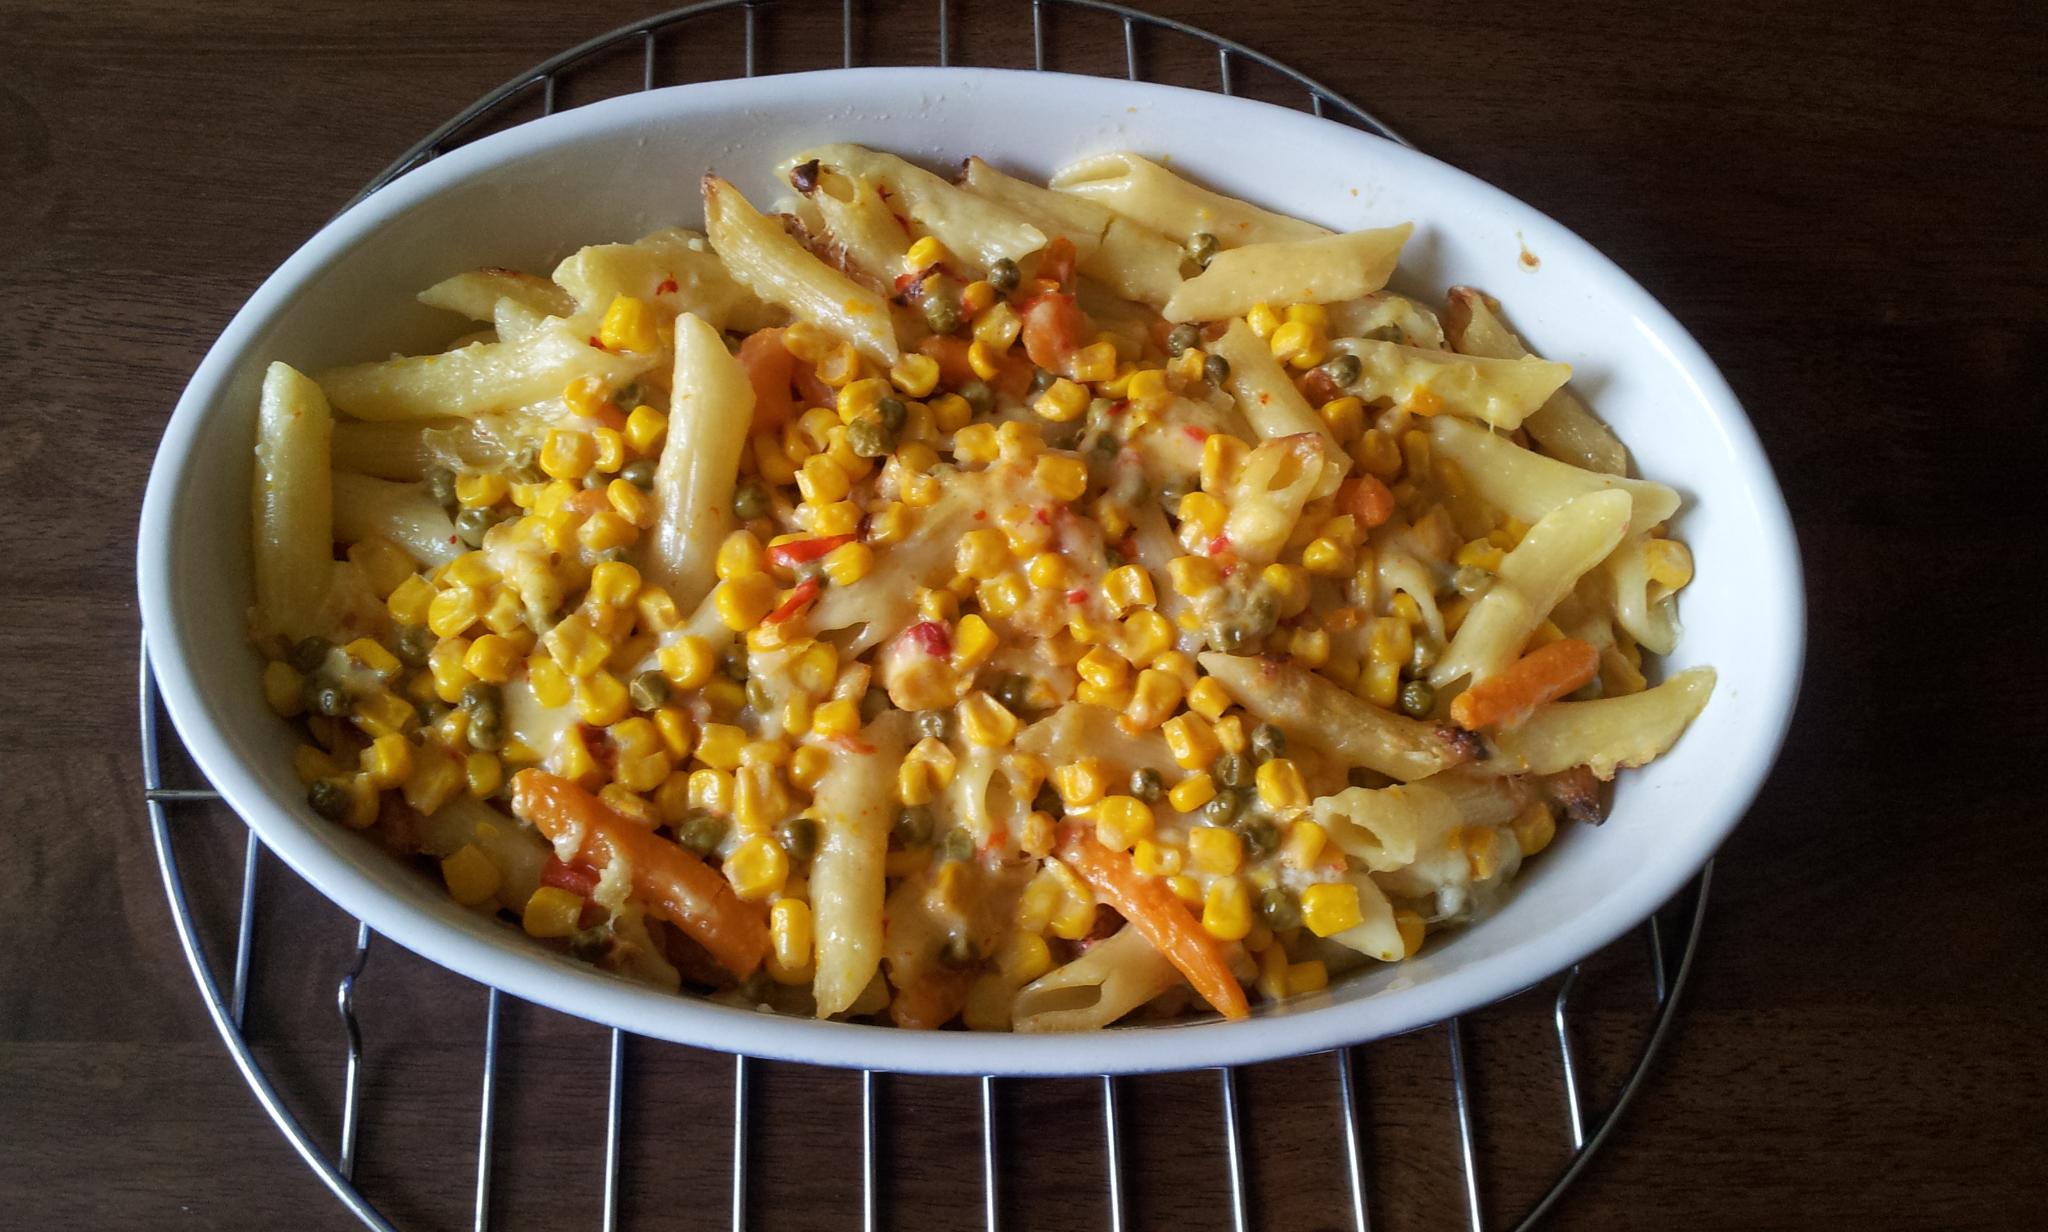 https://foodloader.net/Holz_2011-04-08_Nudelauflauf.jpg